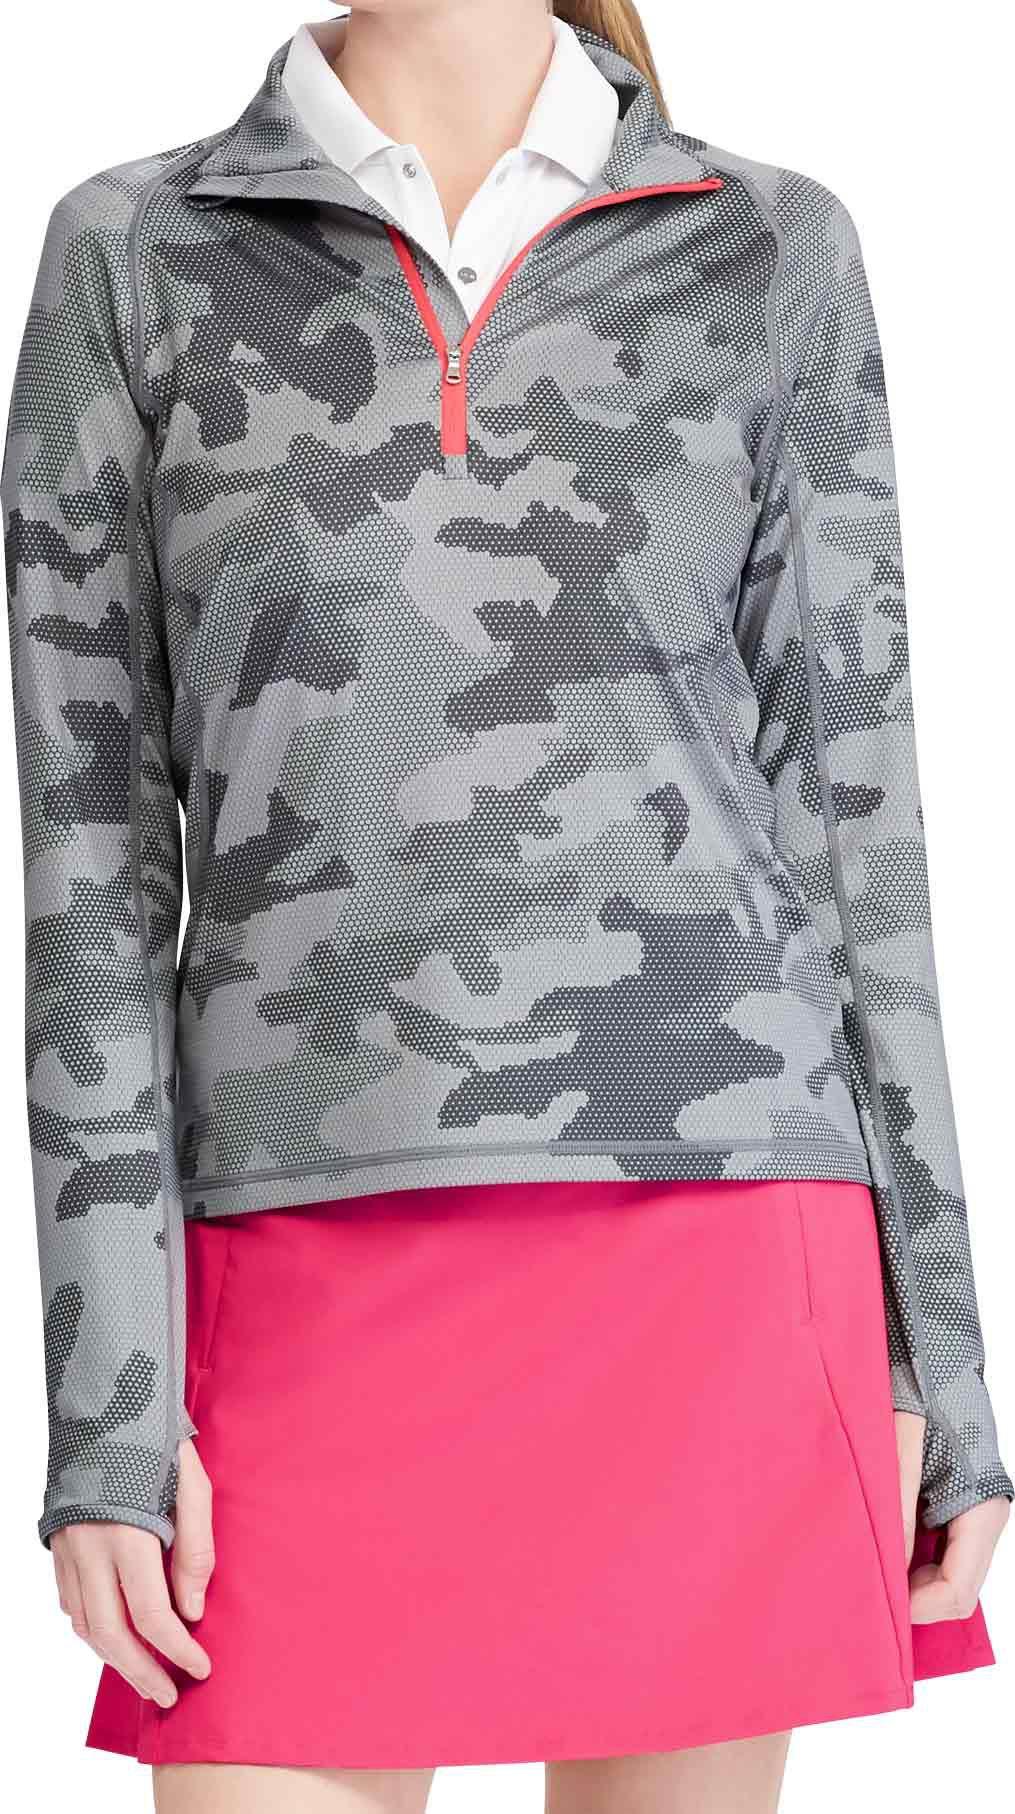 RLX Golf Women's Billy Horschel Golf Quarter-Zip, Size: Medium, Hexagon Camo thumbnail